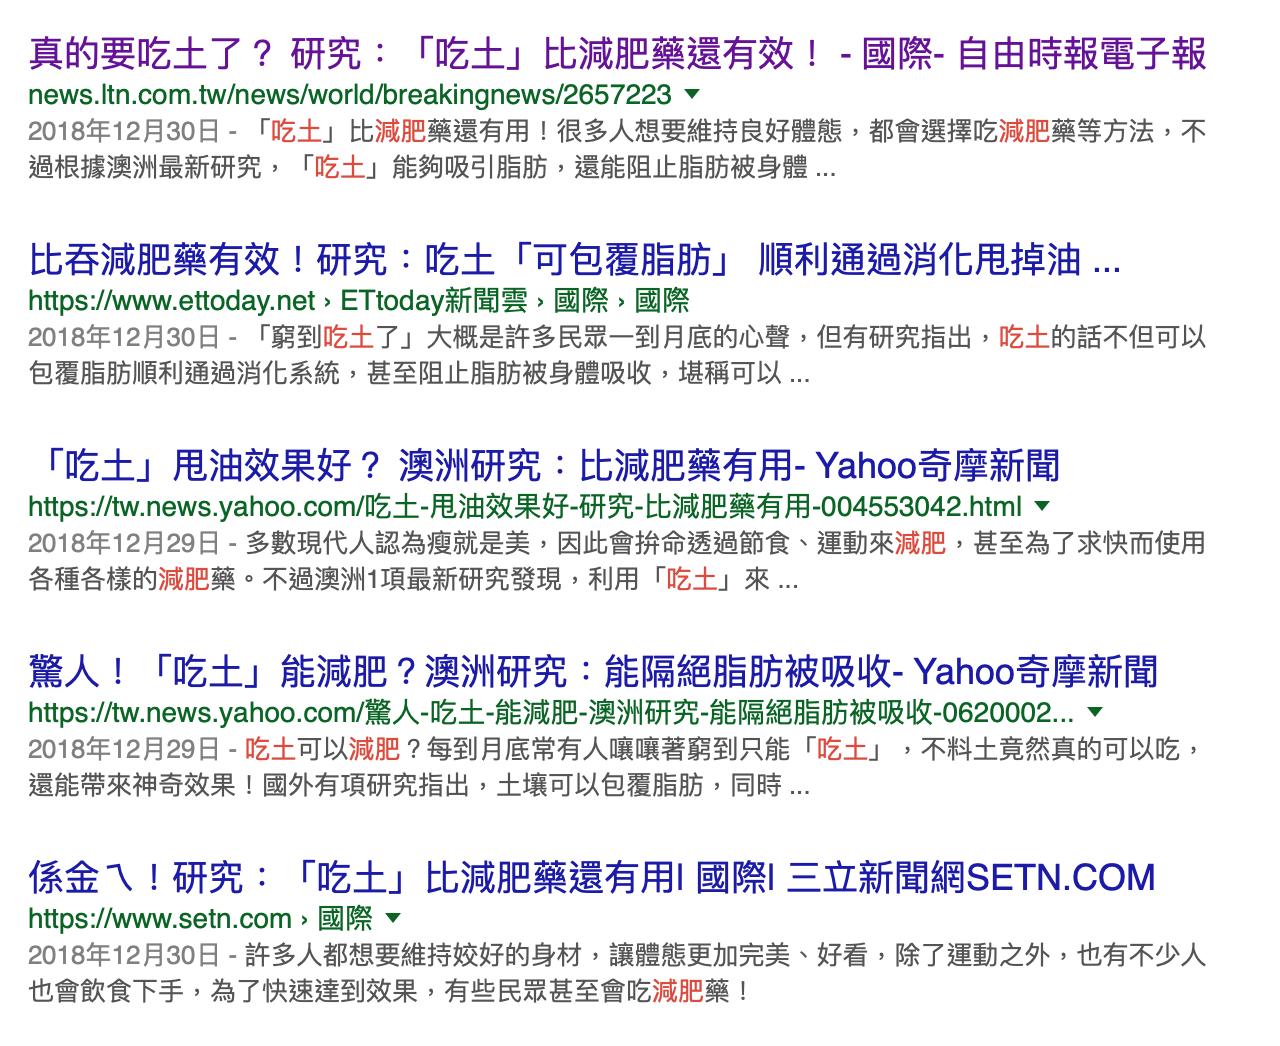 台灣媒體有關吃土減肥的新聞報導